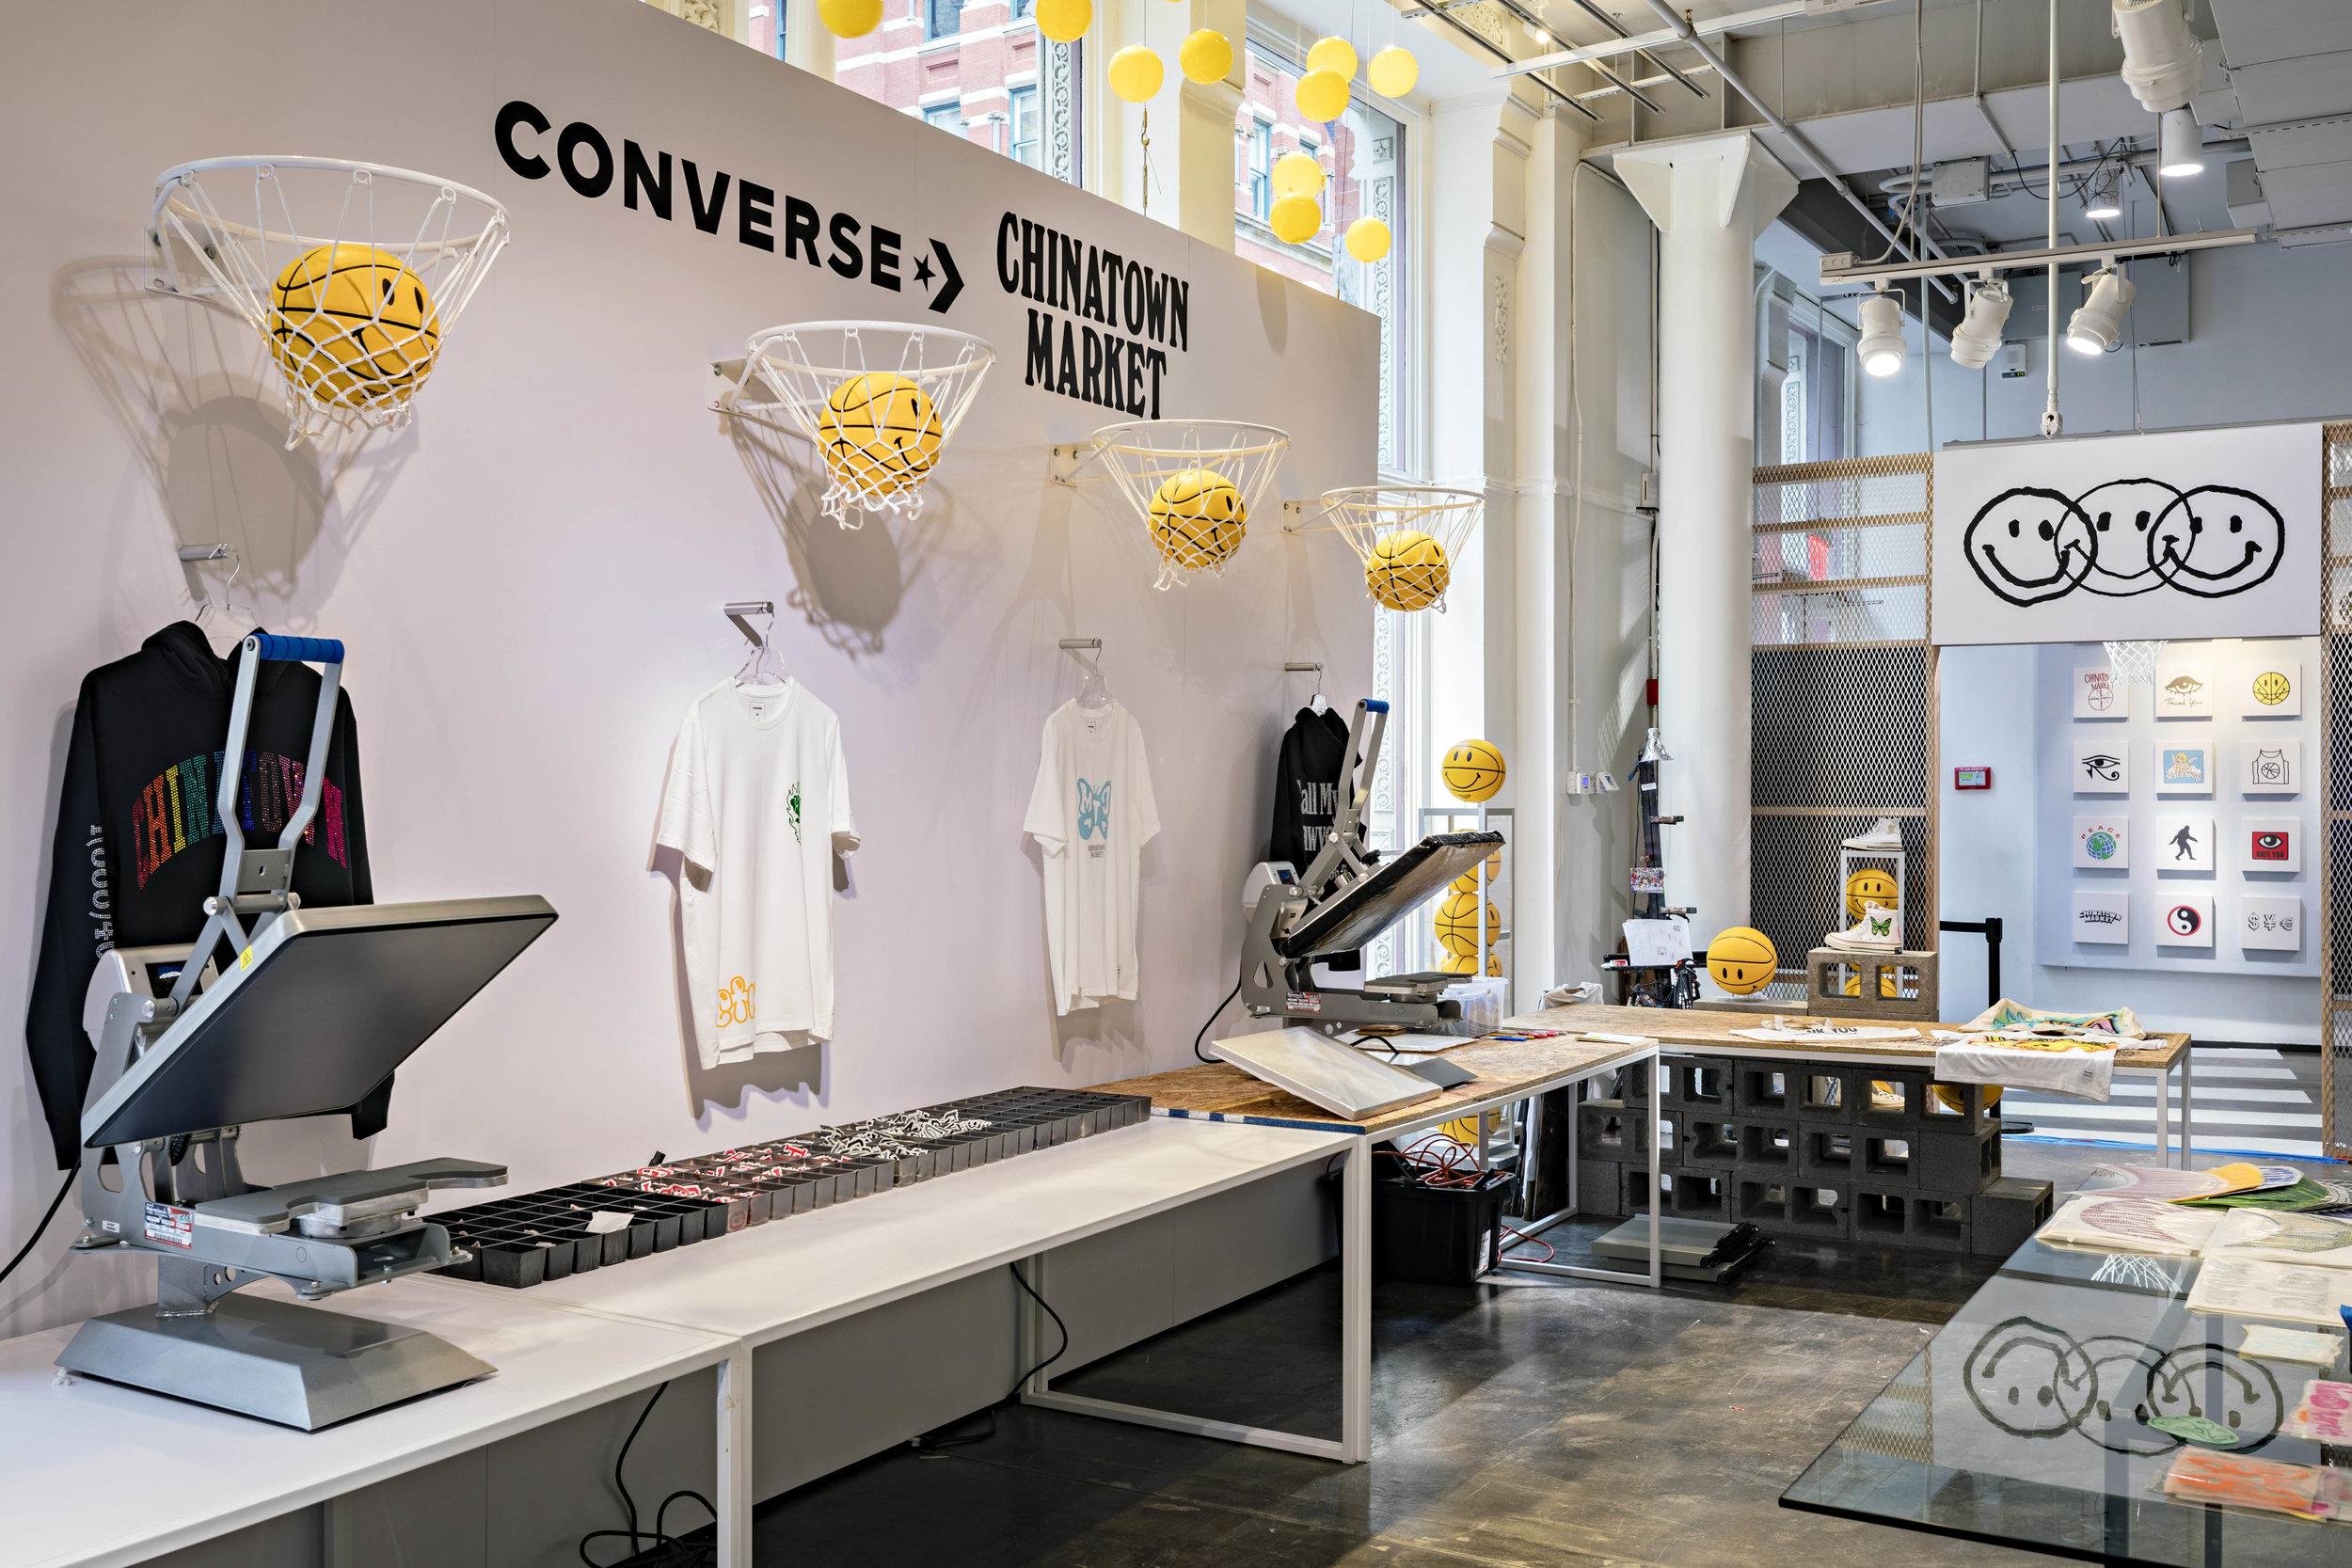 Converse_Chinatown_Market_3018.jpg